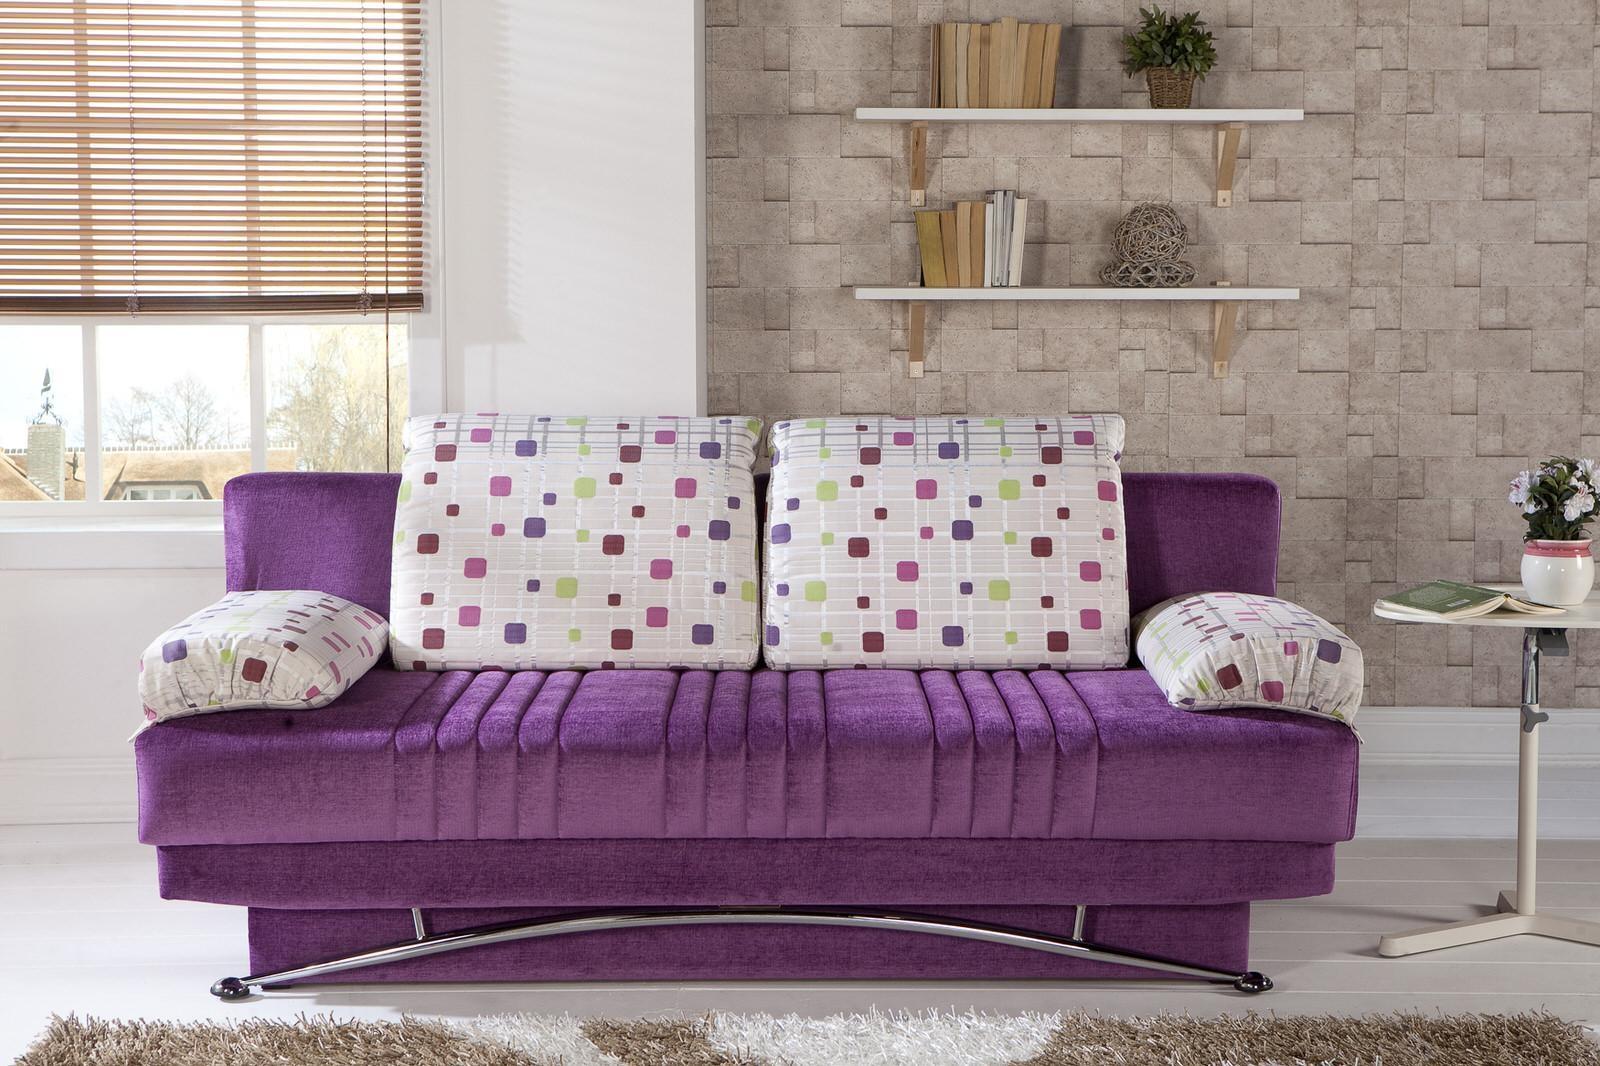 Sofas Center : Purple Comfort Mat White Marbleloor Tile Pupleabric Pertaining To Velvet Purple Sofas (View 14 of 20)